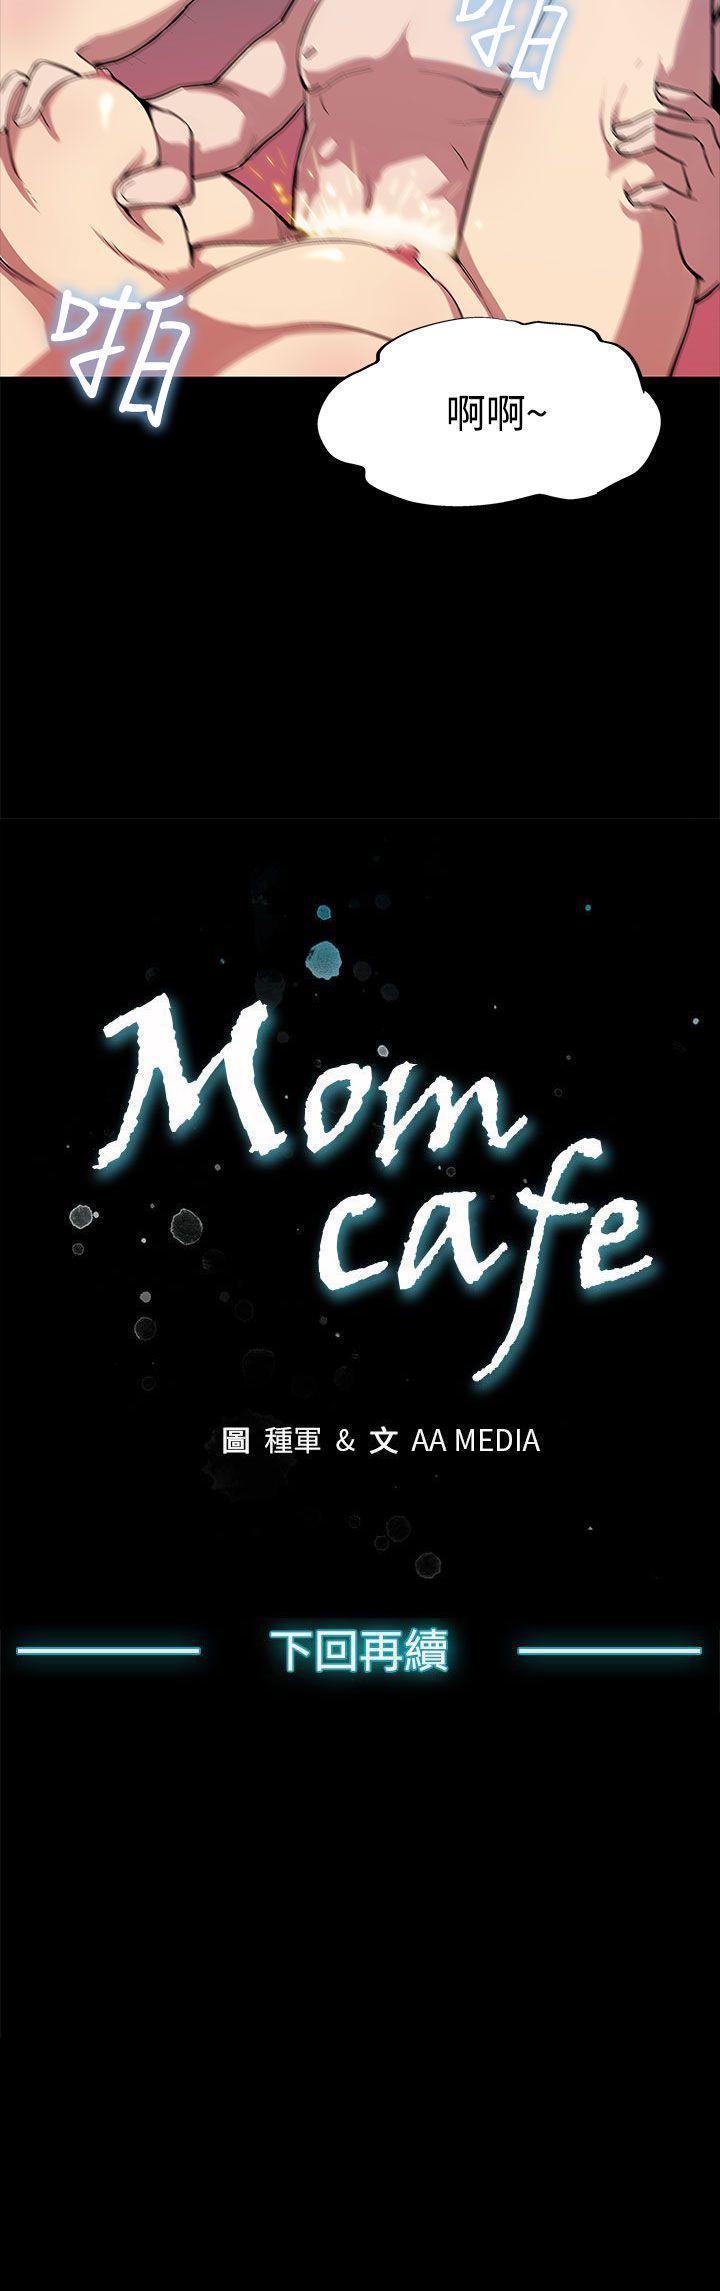 Mom cafe 1-72 19